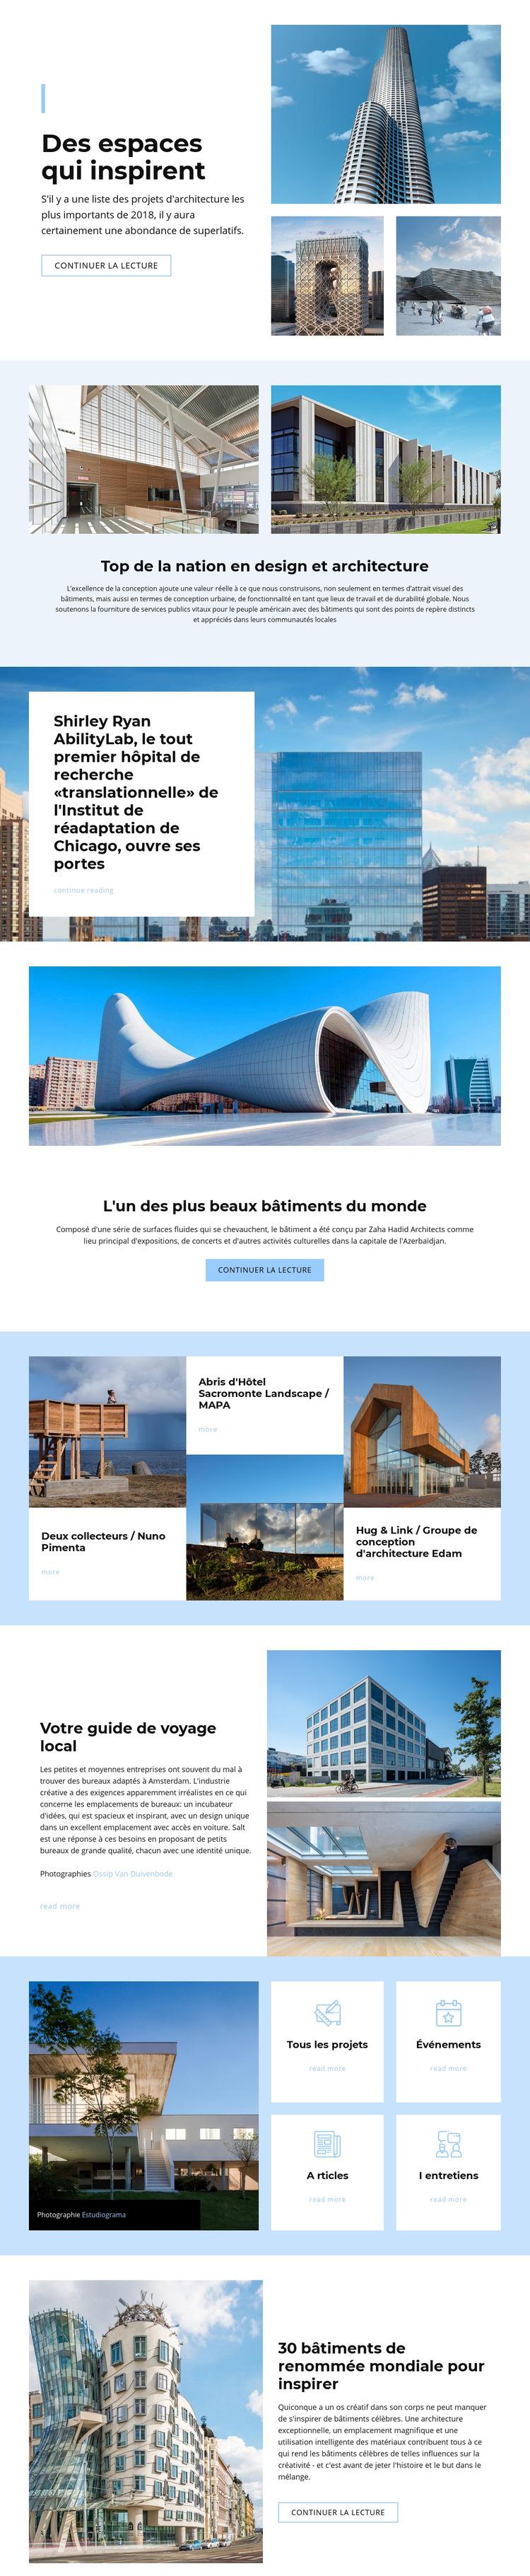 Architecture inspirée de l'espace Modèle de site Web